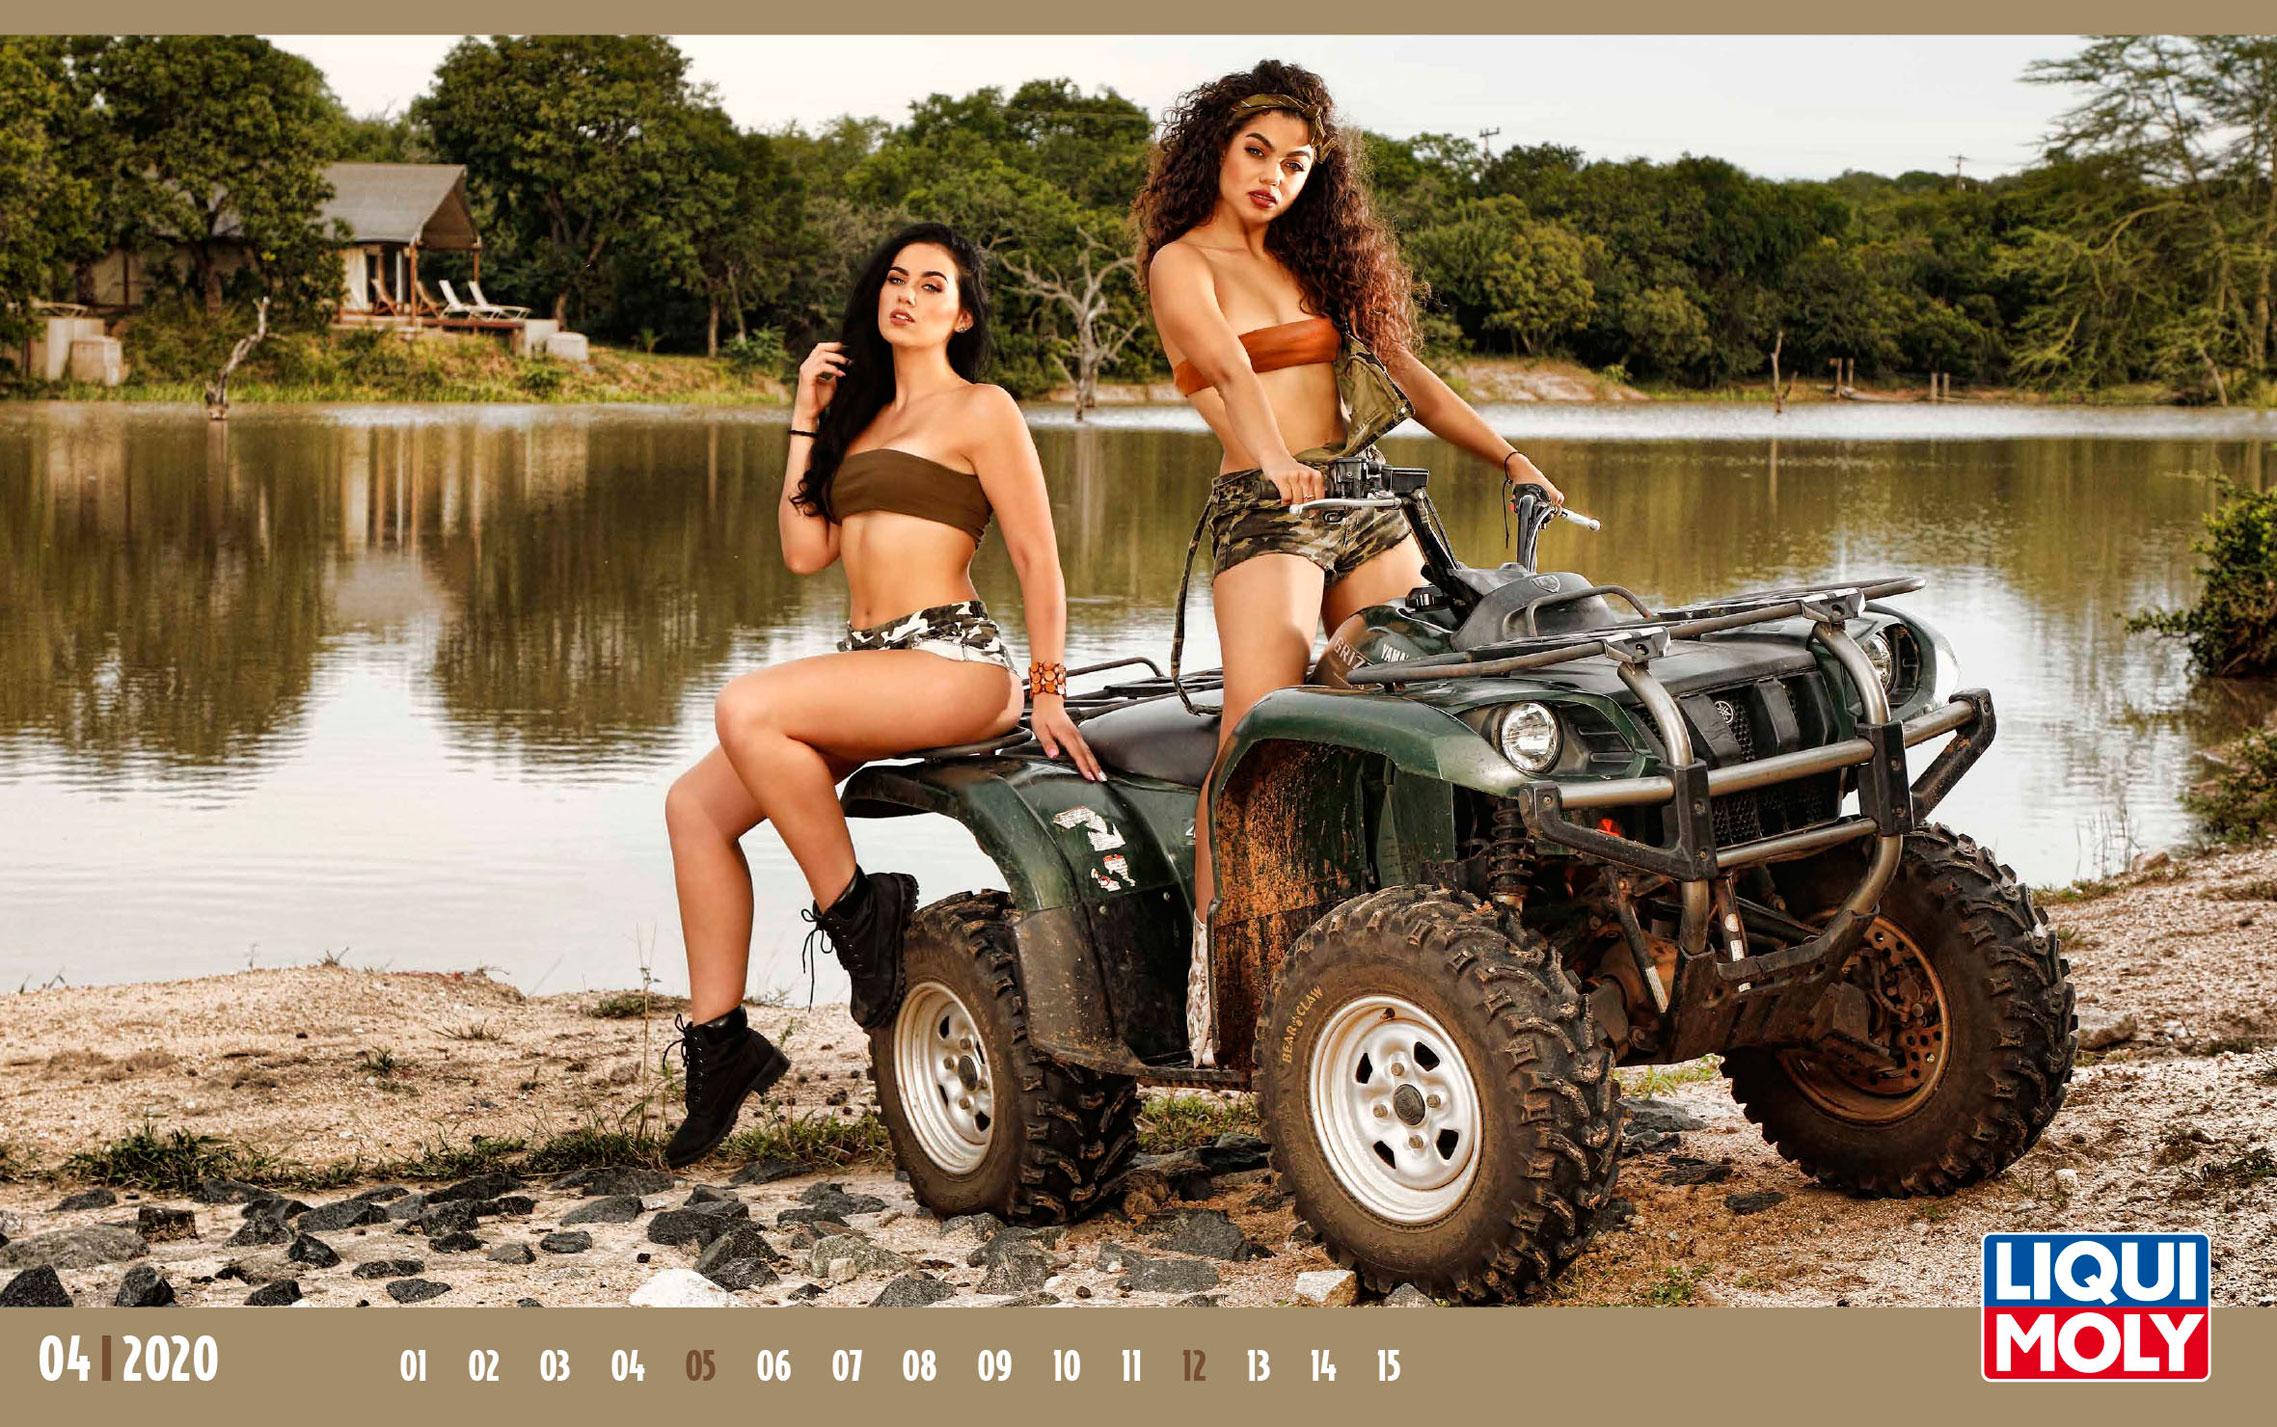 Календарь с девушками автоконцерна Liqui Moly, 2020 год / апрель-1